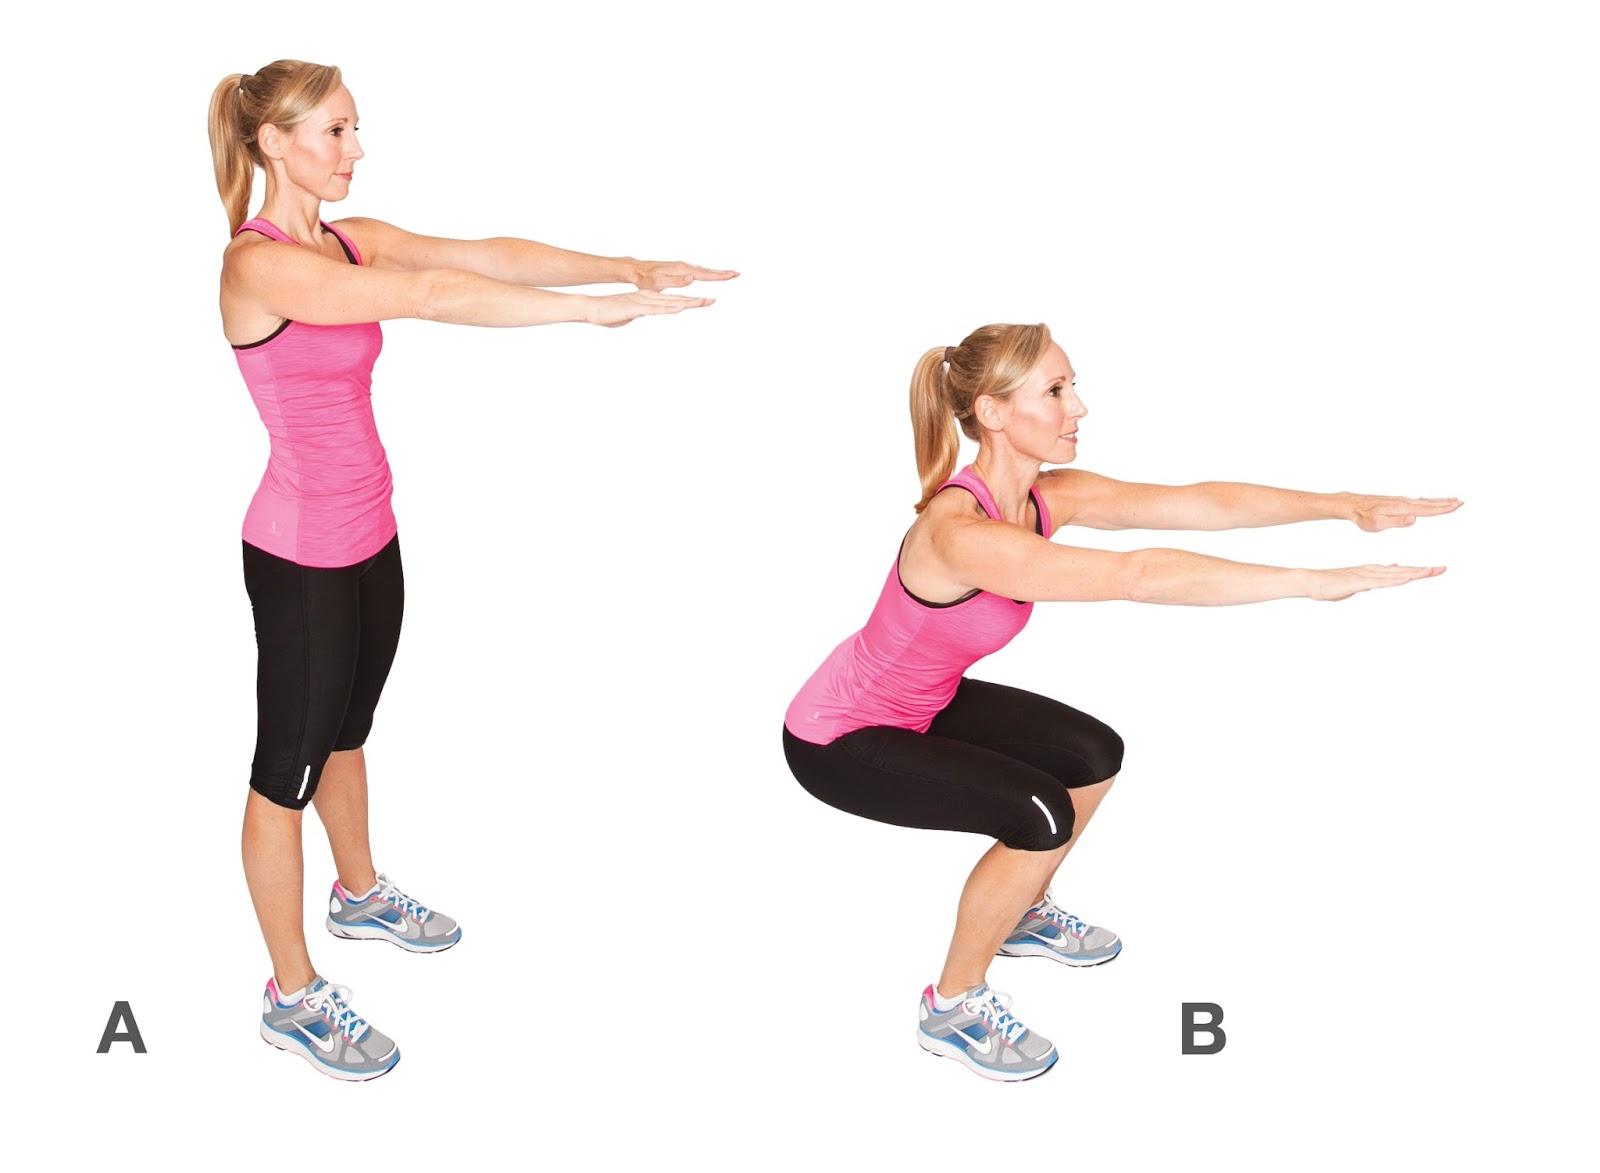 Приседания позволяют нагрузить мышцы задней части ноги